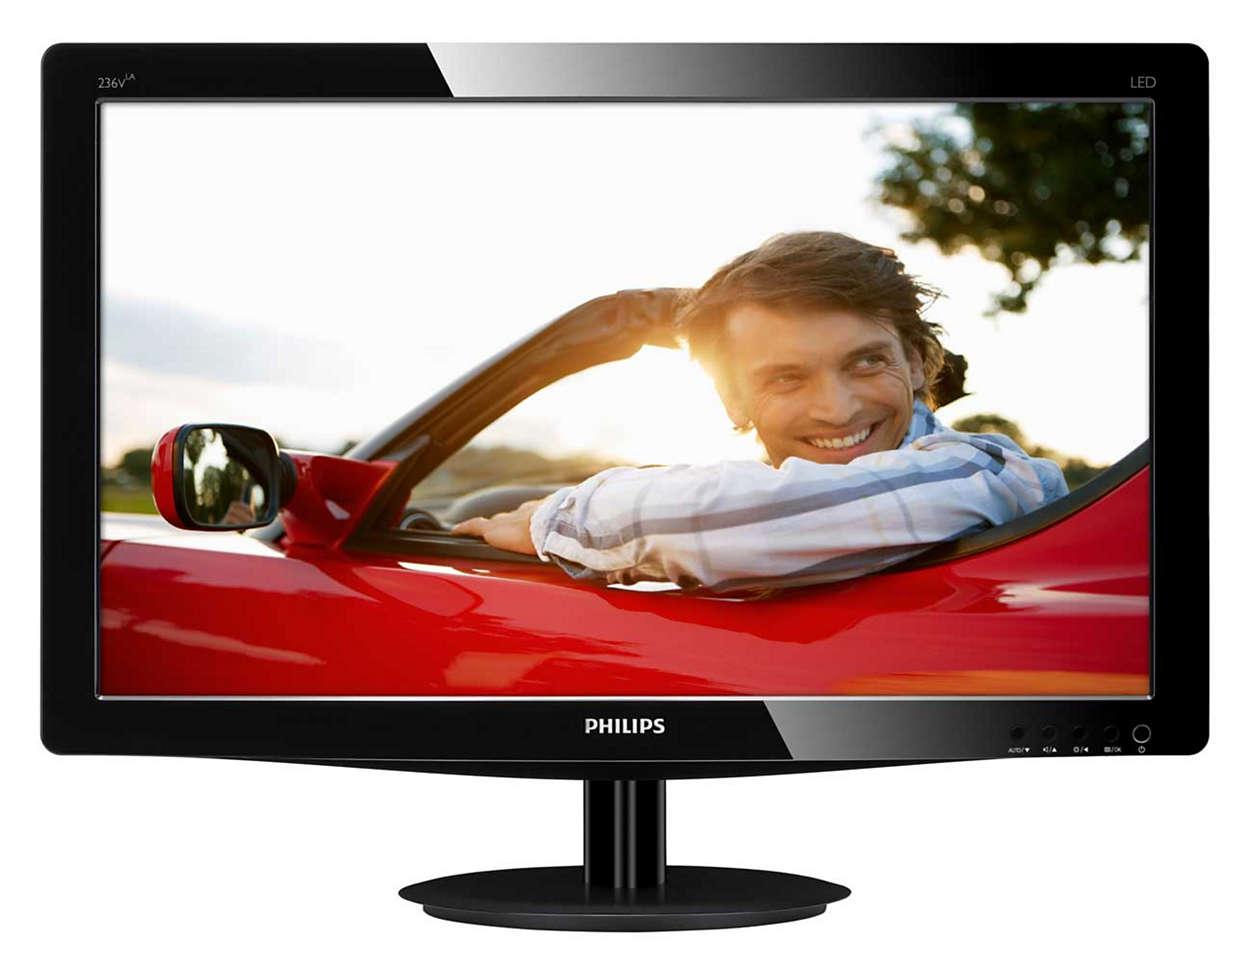 LED ekranda canlı renkli harika görüntülerin tadını çıkarın